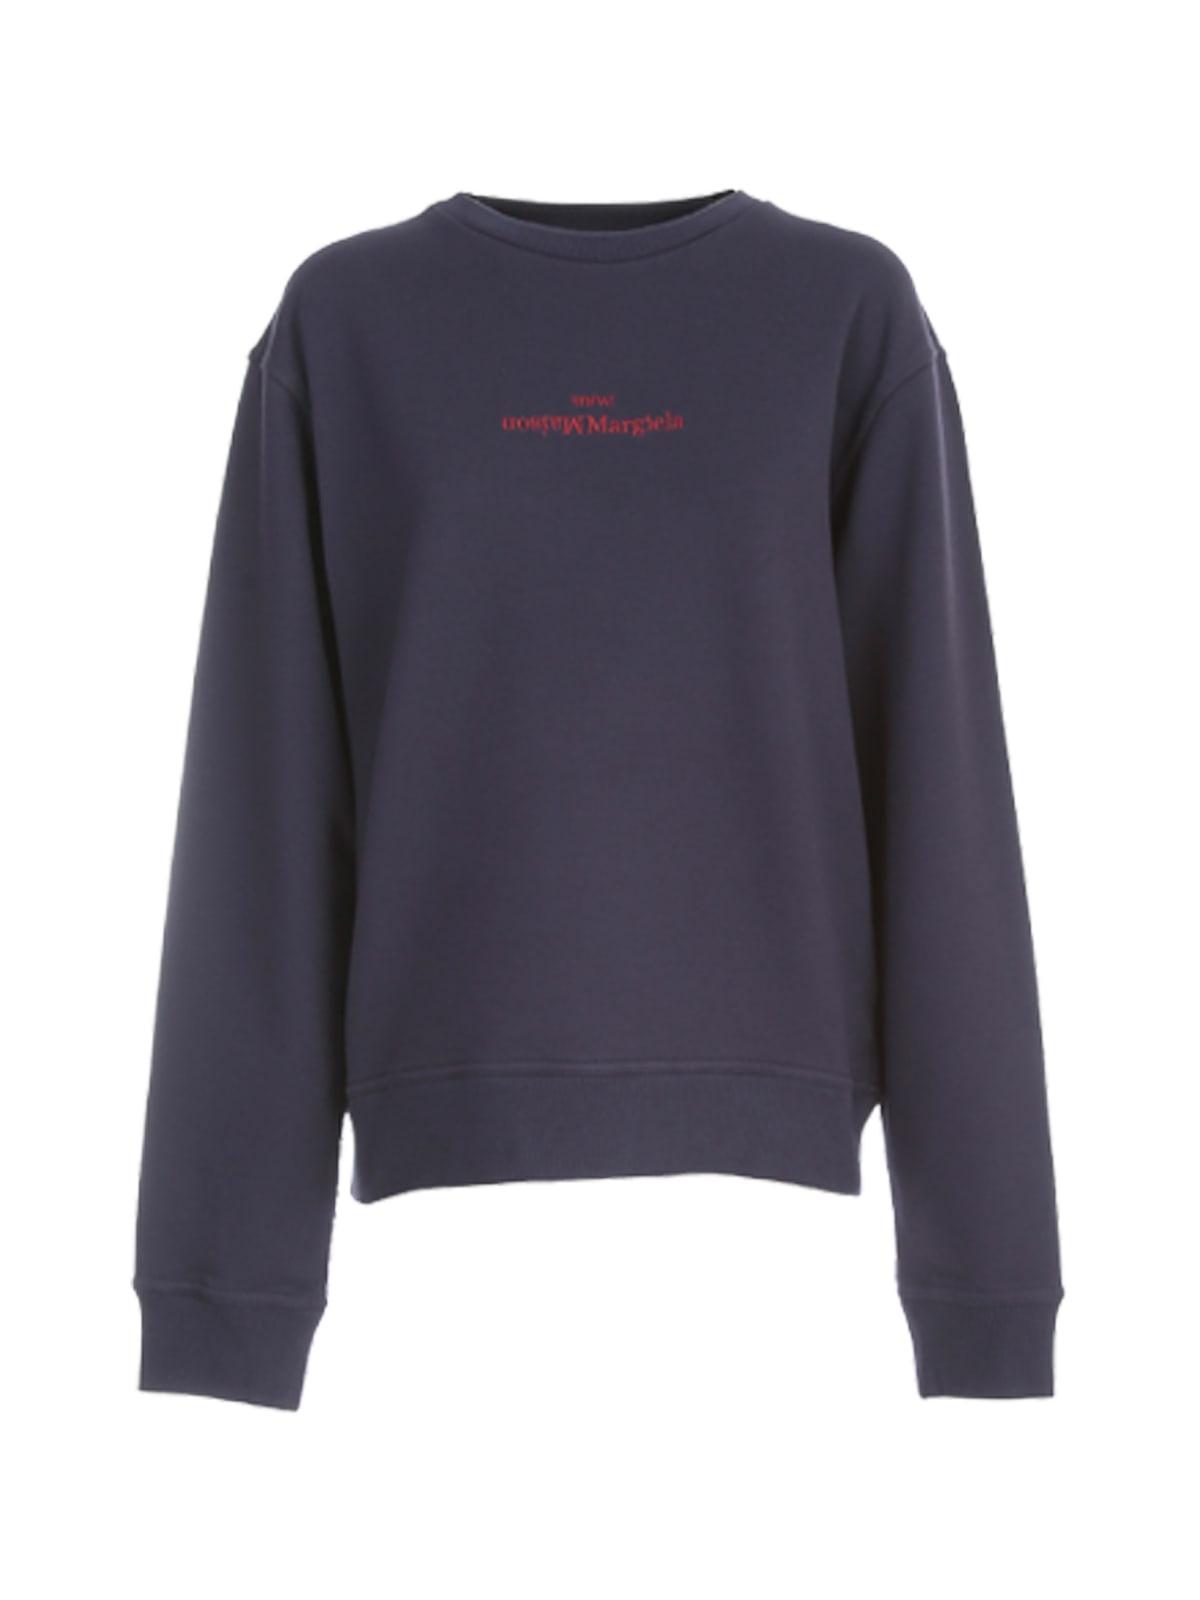 Maison Margiela Compact Round Neck Sweatshirt